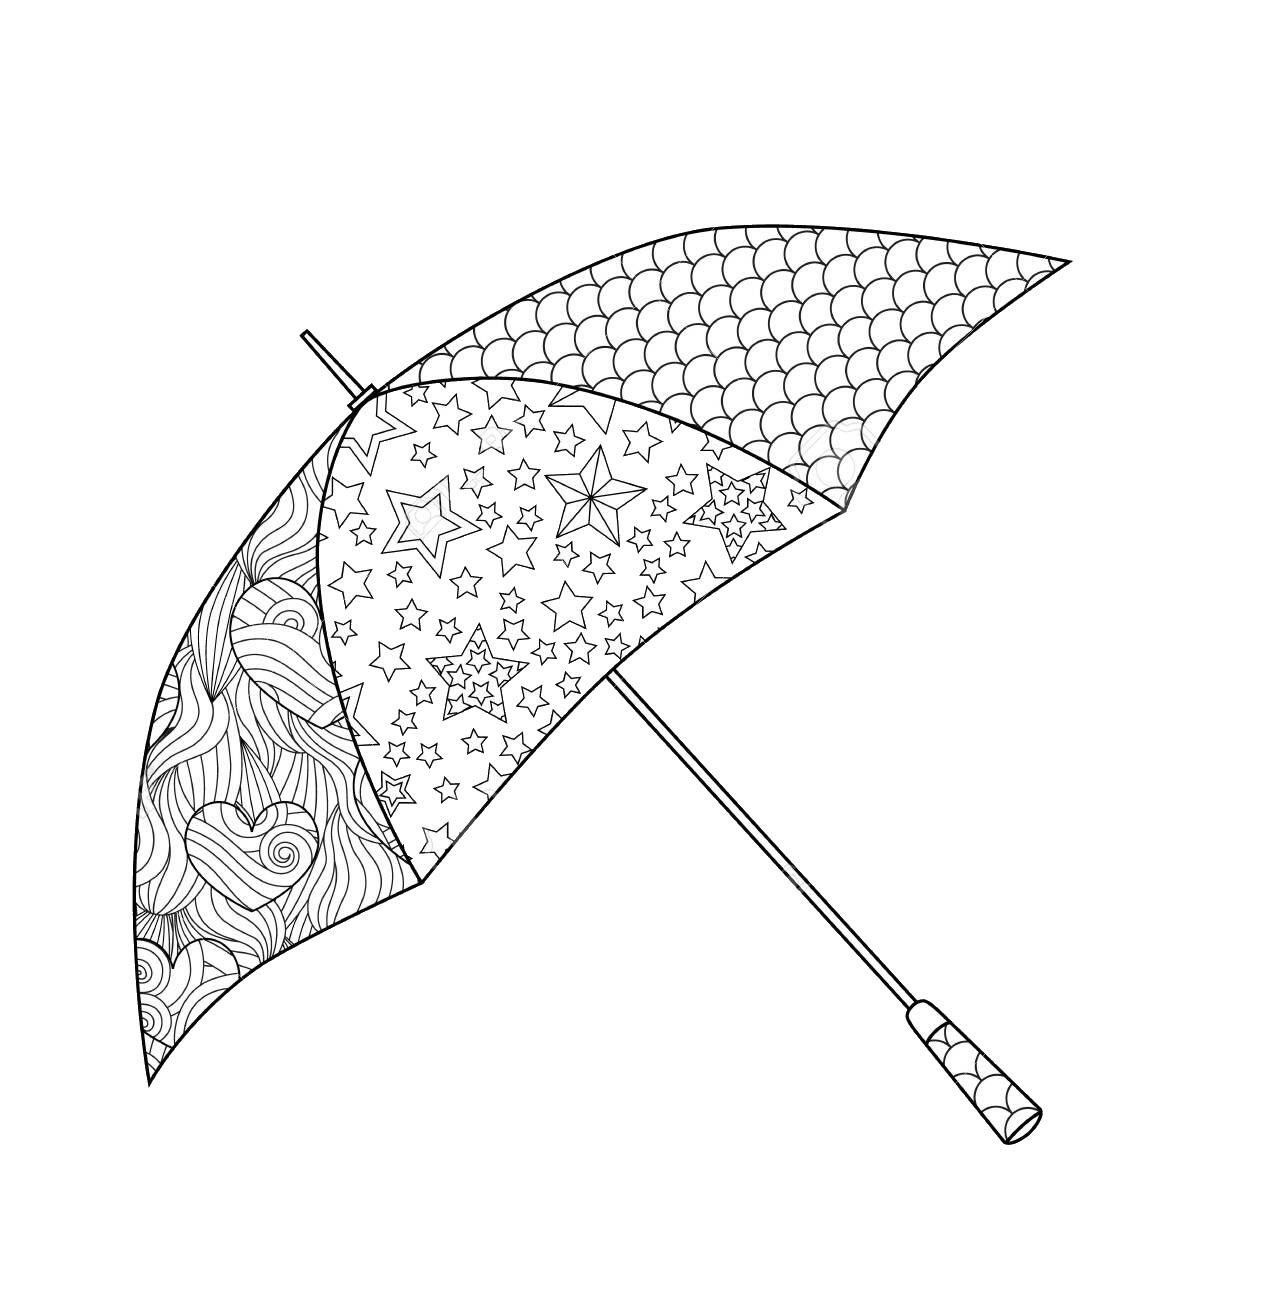 Tranh tô màu chiếc ô đẹp, độc đáo